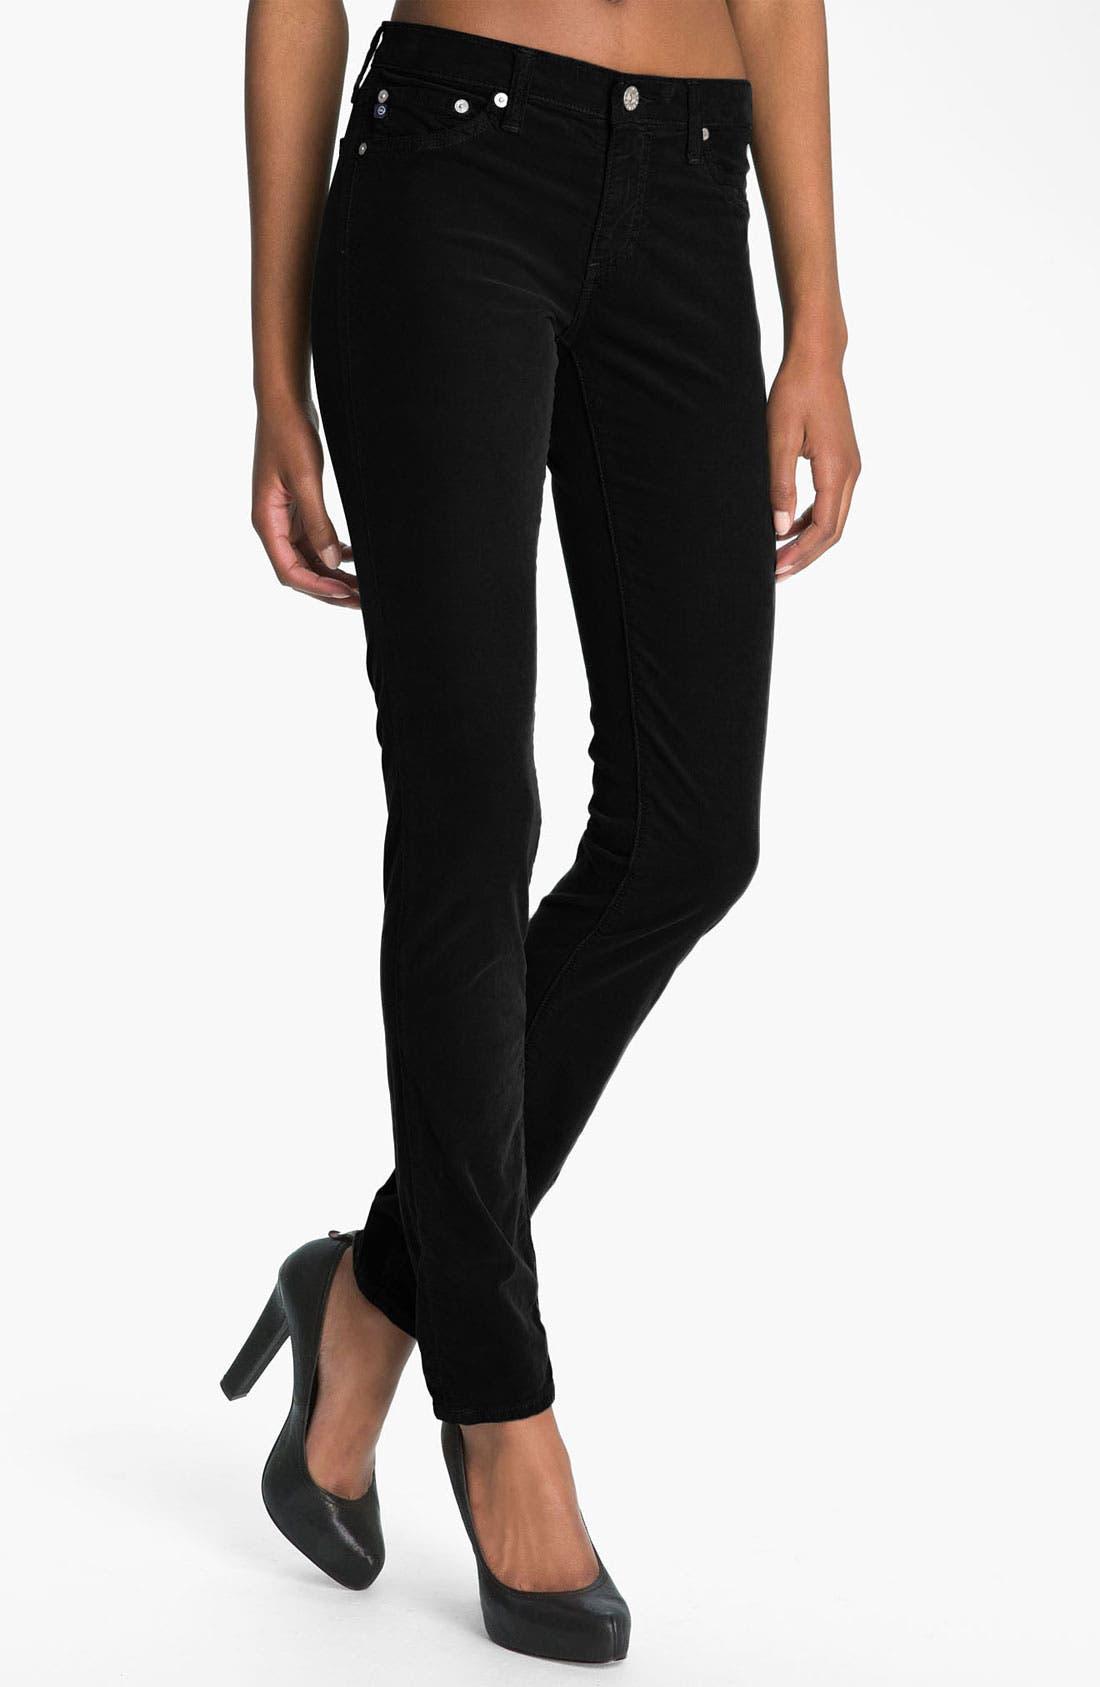 Women's AG Black Skinny Jeans   Nordstrom